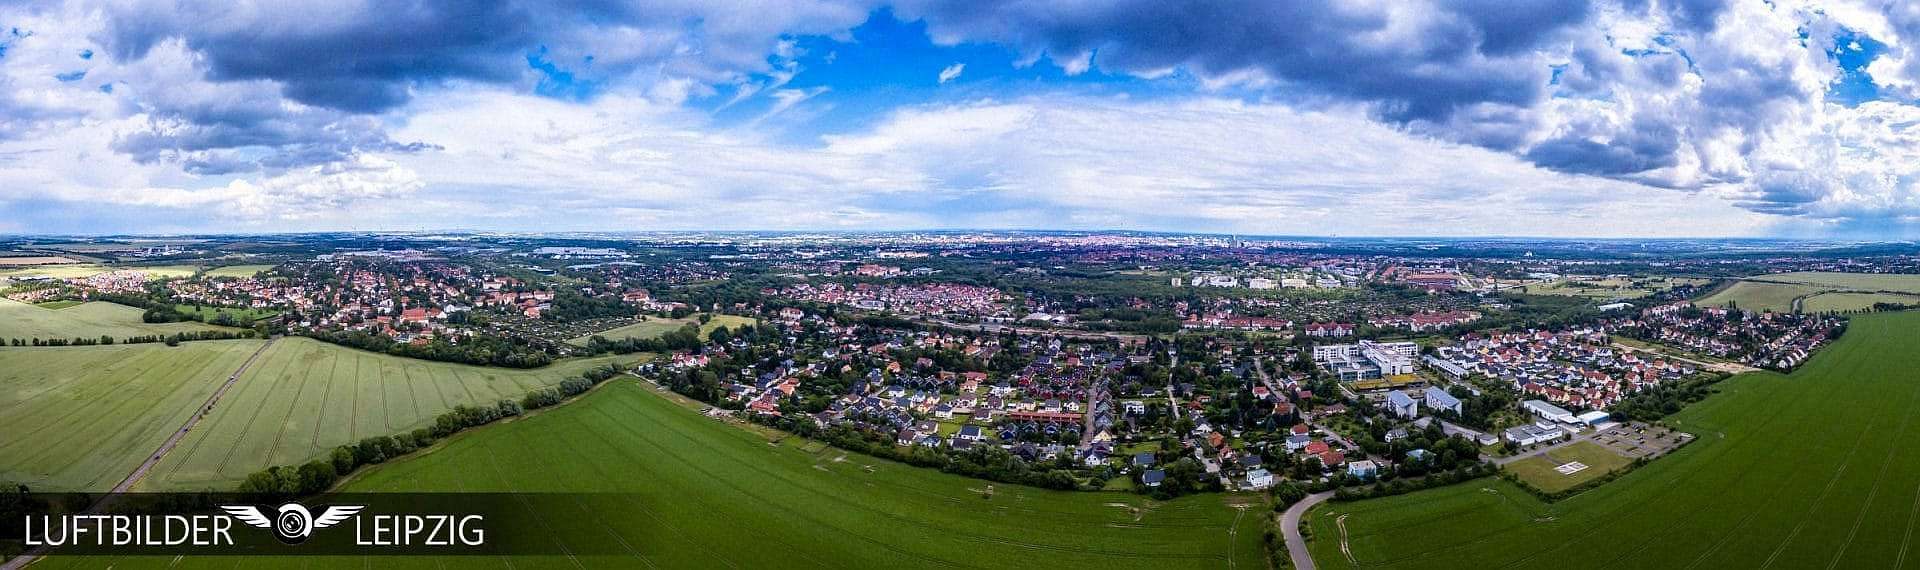 Luftbilder Leipzig - Panorama Erstellen - Tutorialergebnis